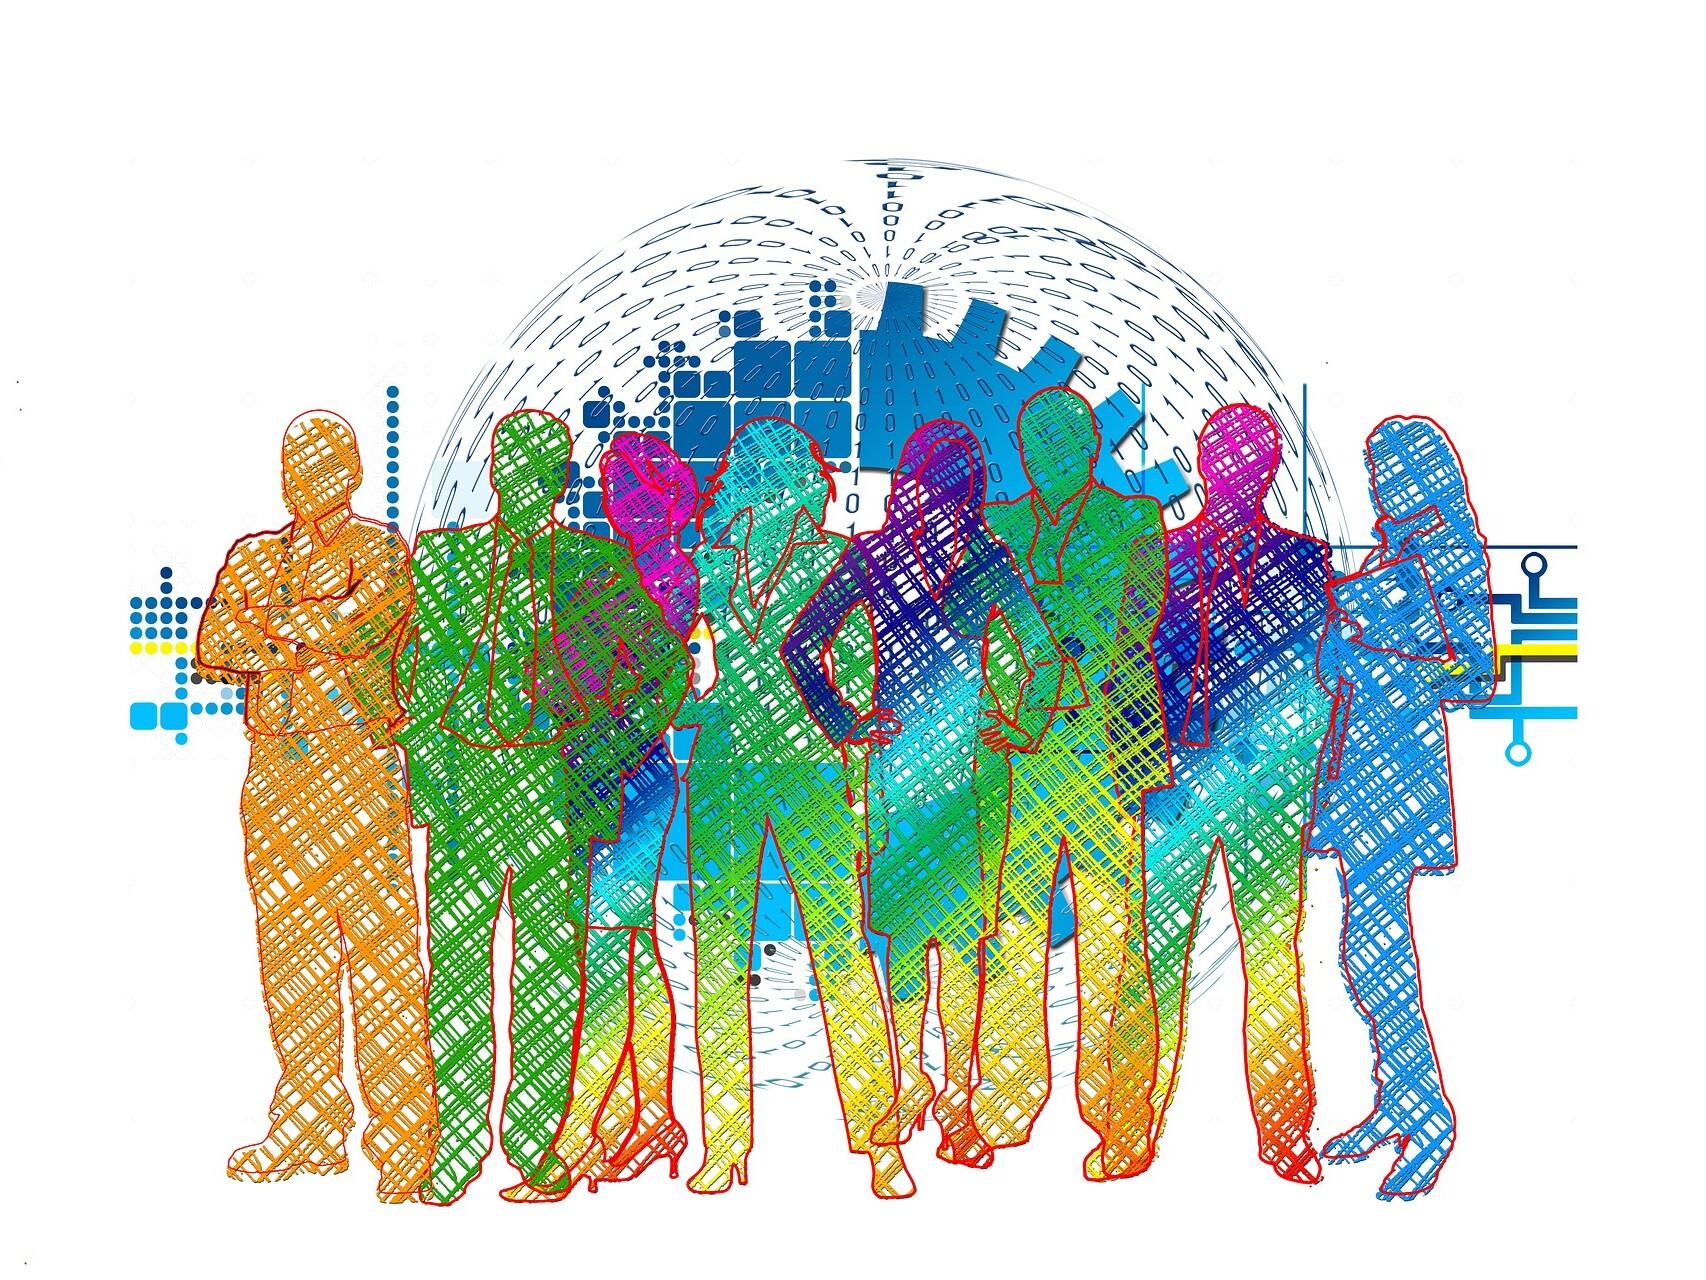 Grafik mit bunten Umrissen von Menschen vor einem Symbolbild für den digitalen Wandel.